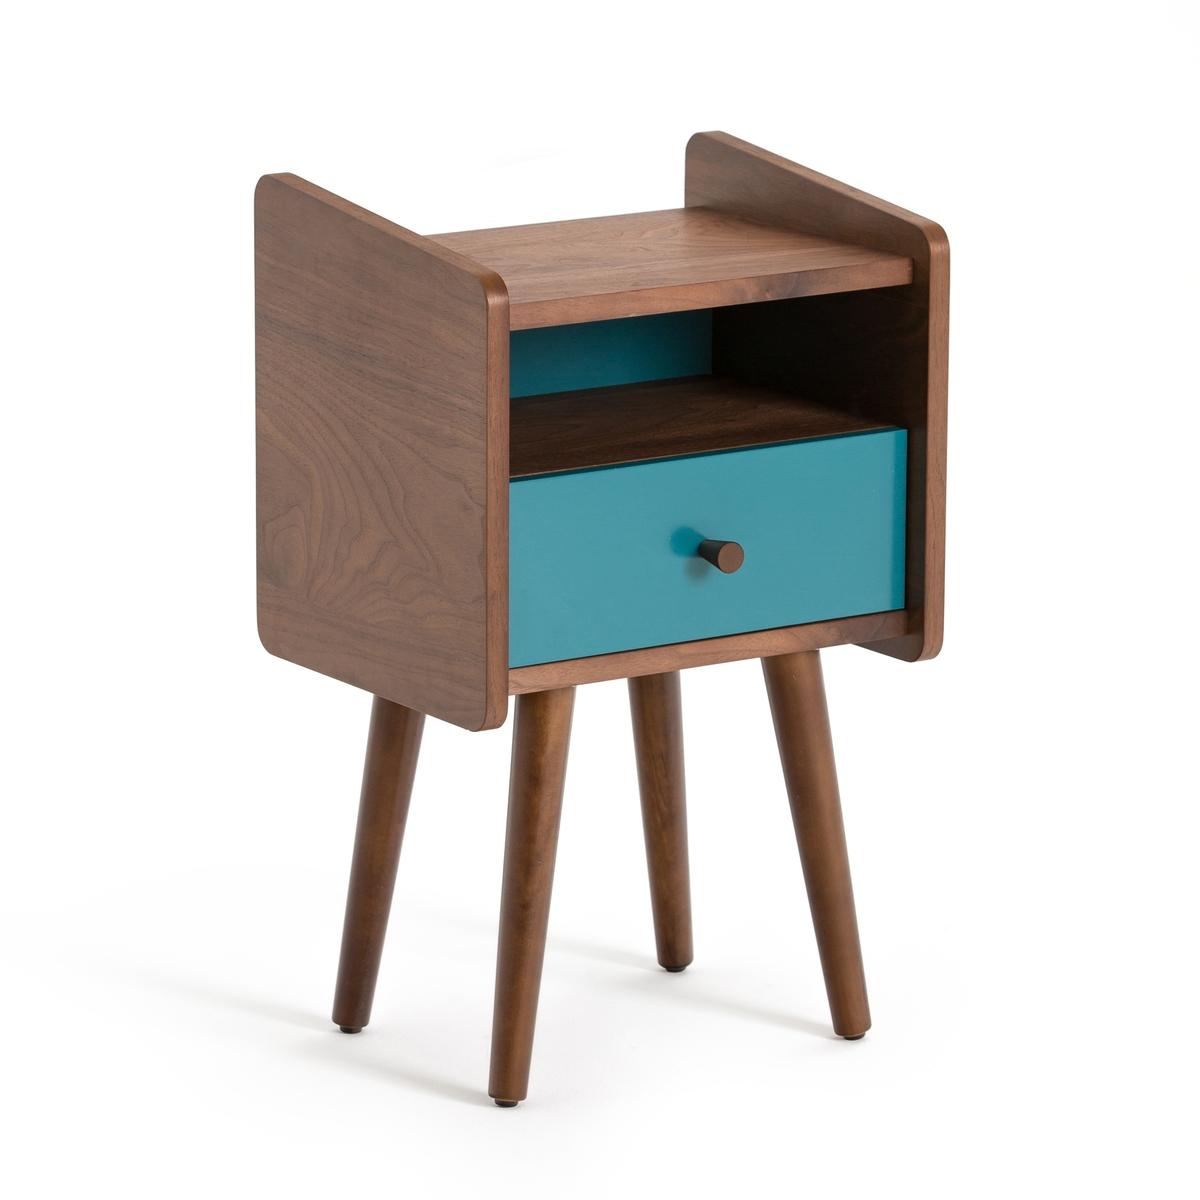 Столик прикроватный в винтажном стиле, RONDA столик прикроватный в винтажном стиле jimi